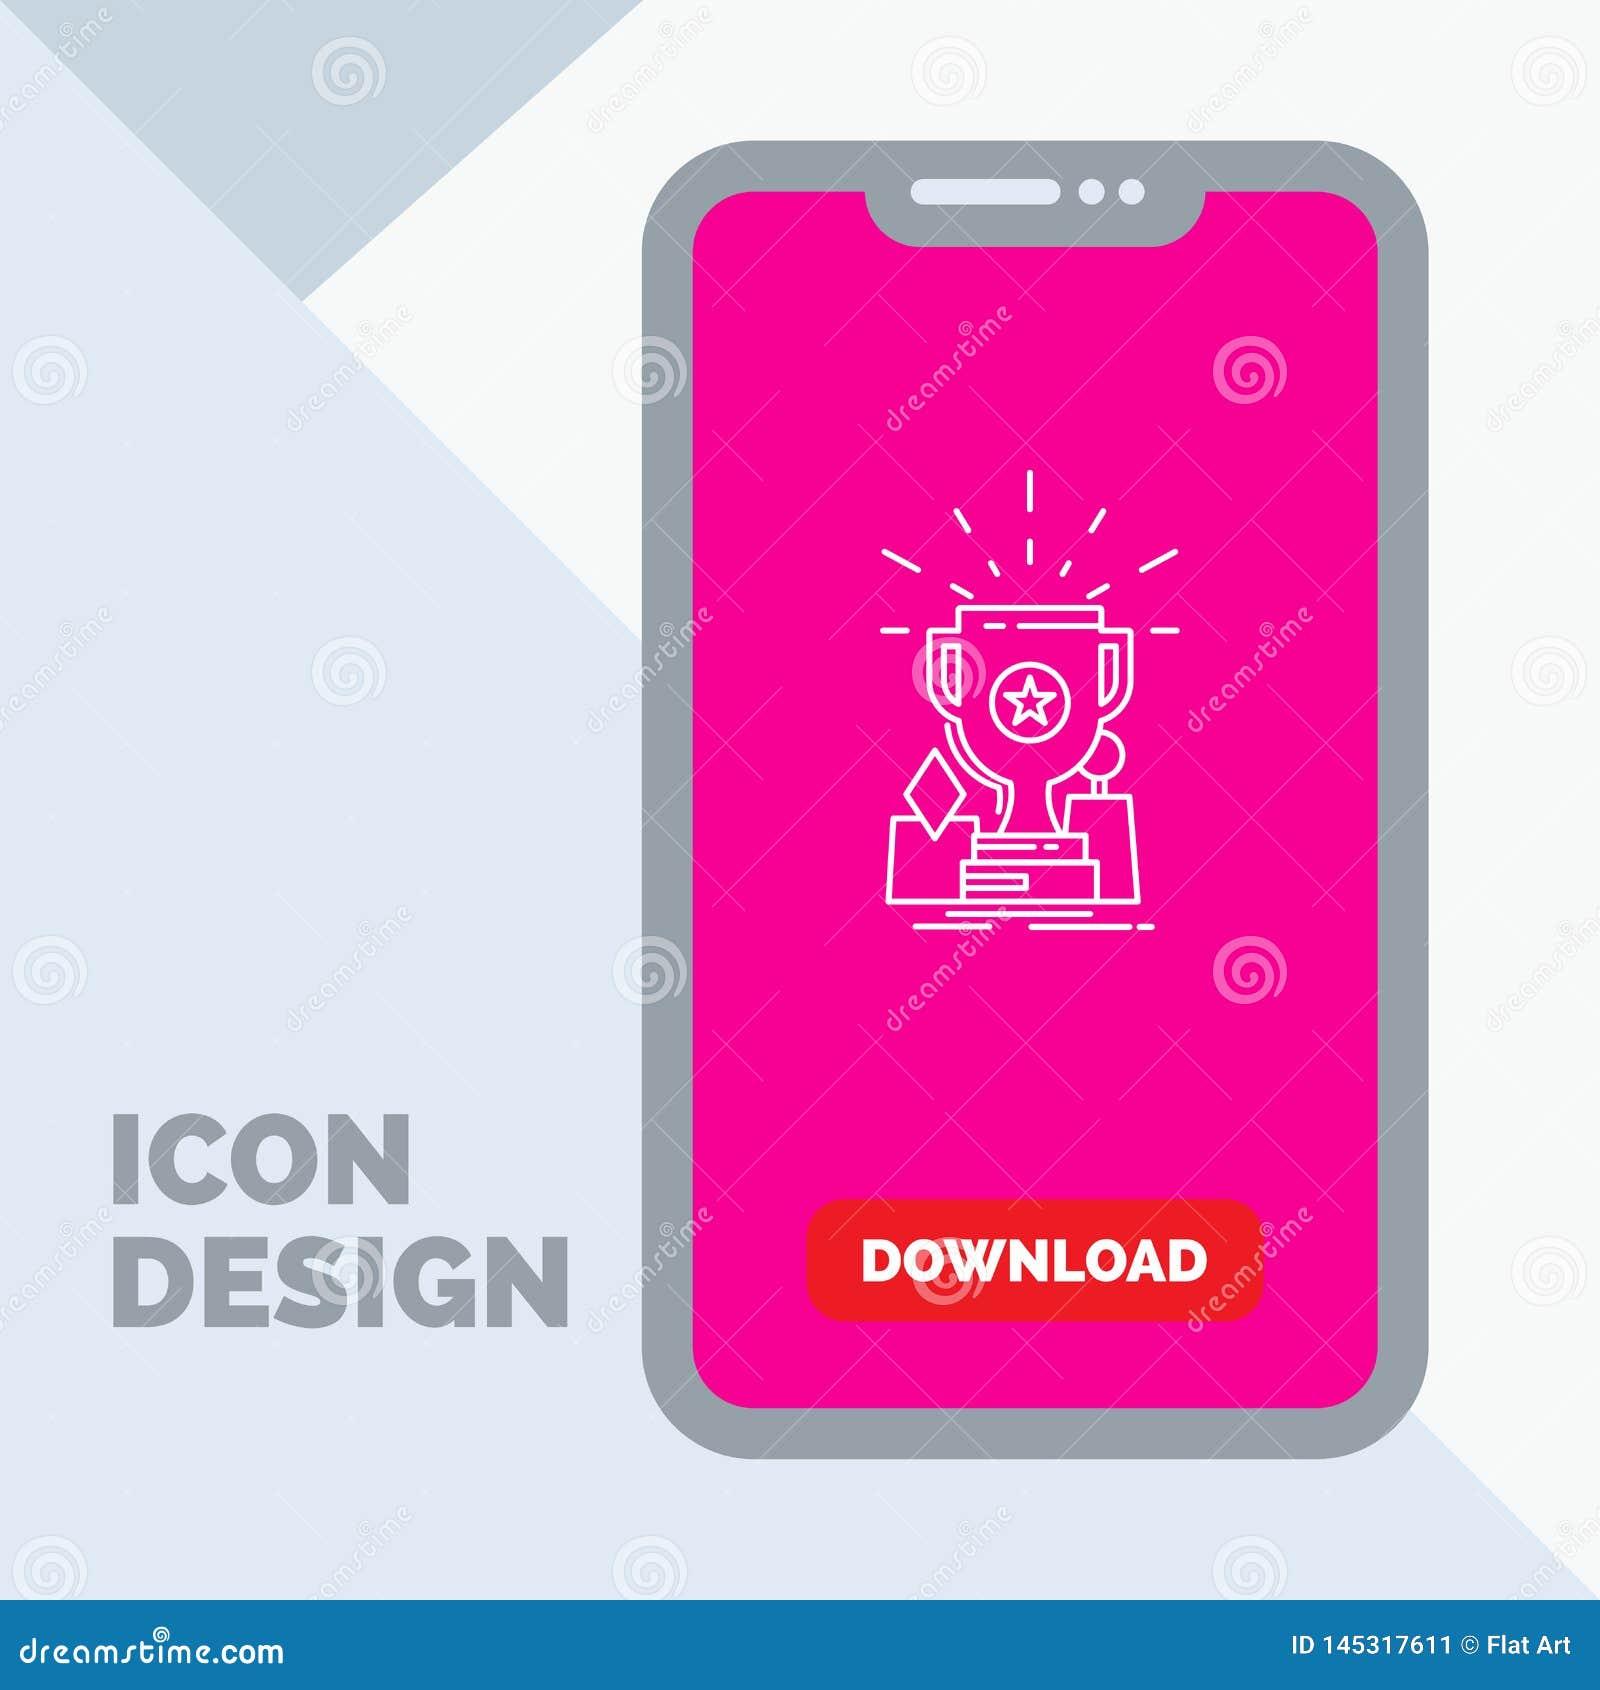 Logro, premio, taza, premio, línea icono del trofeo en el móvil para la página de la transferencia directa